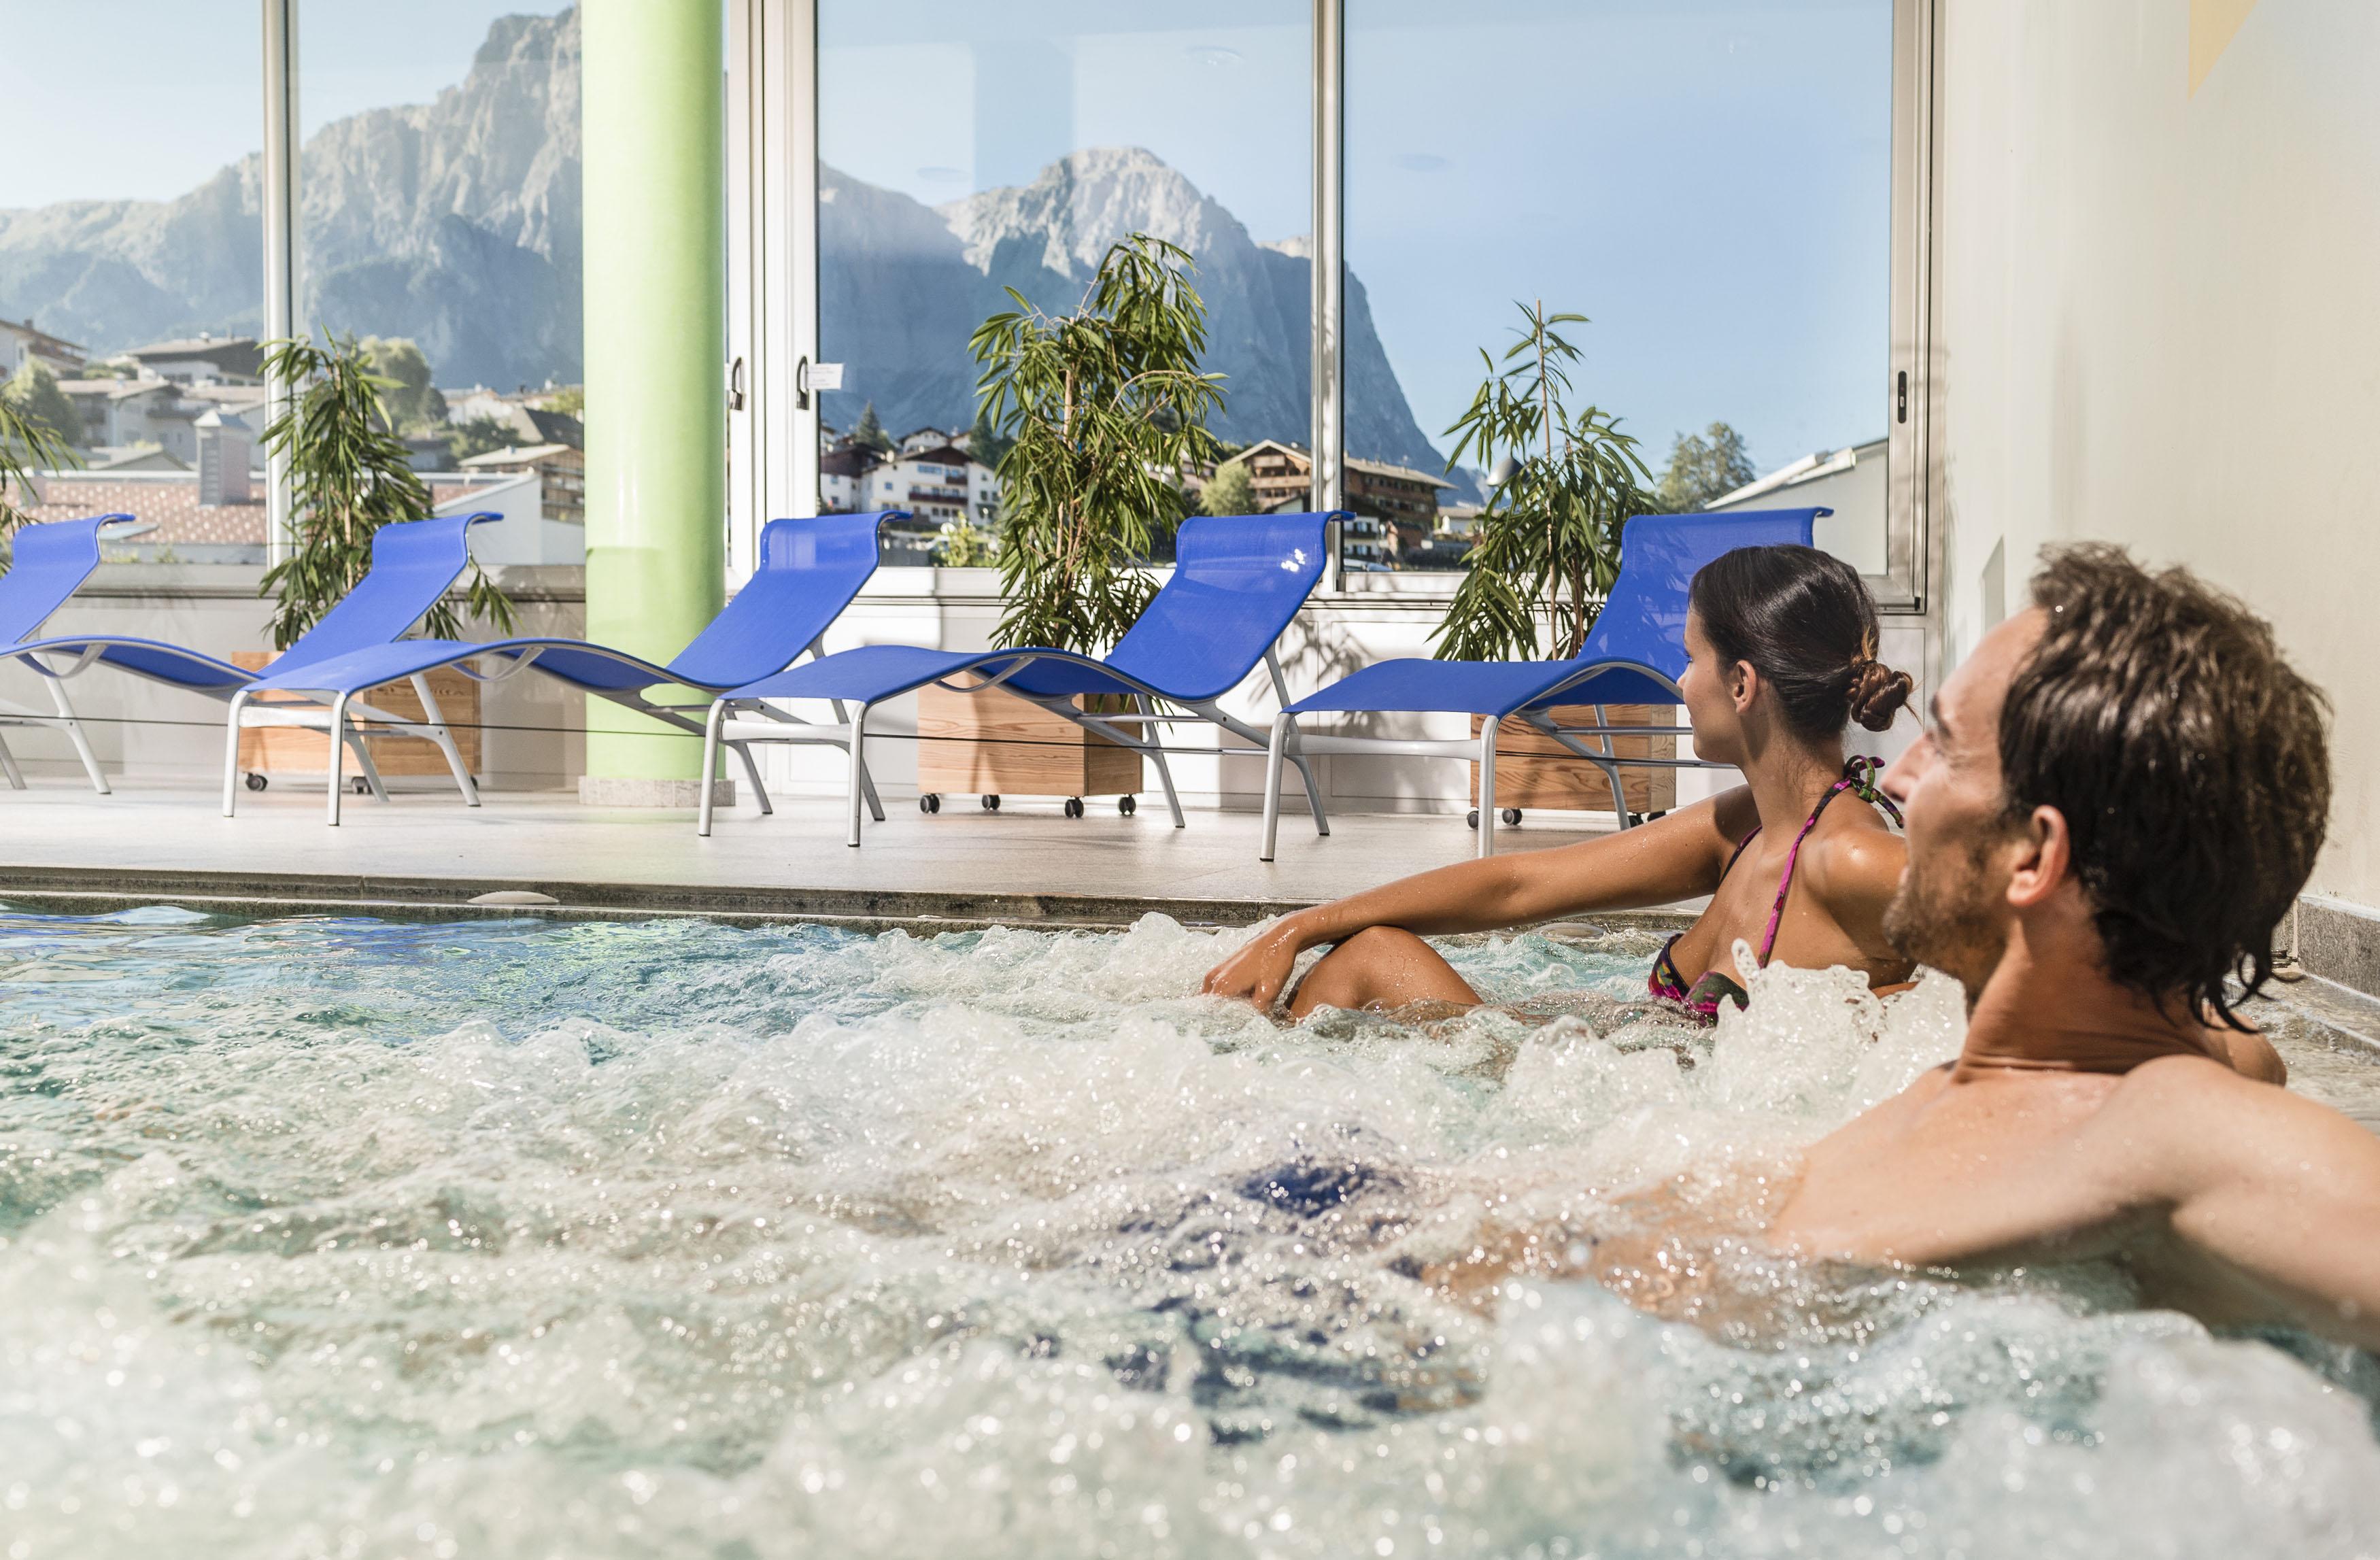 san valentino 20128 spa lusso hotel schgaguler piscina coperta con idromassaggio 21814